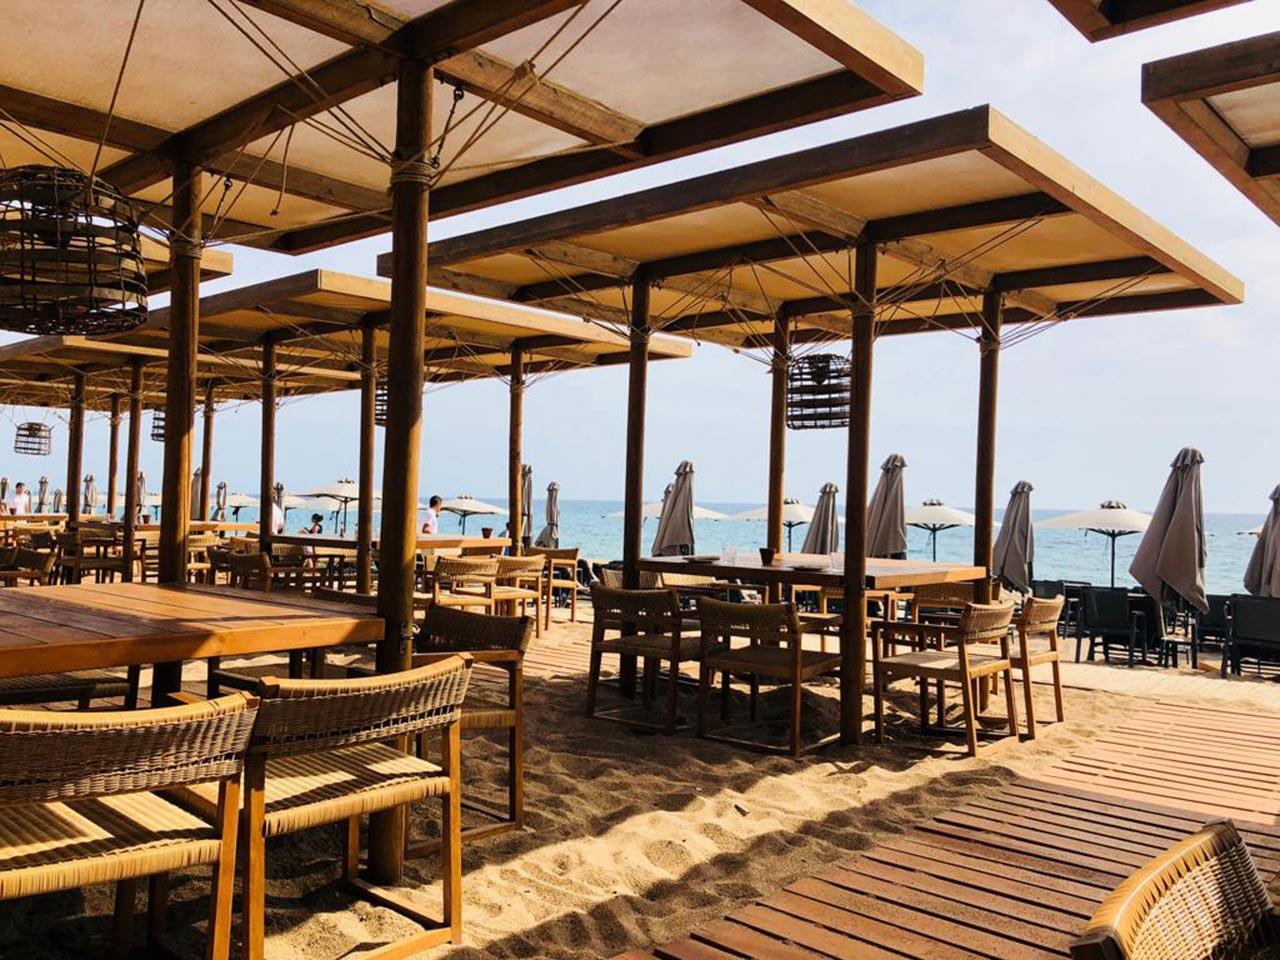 Chrisway GRIECHENLAND Beach Restaurant